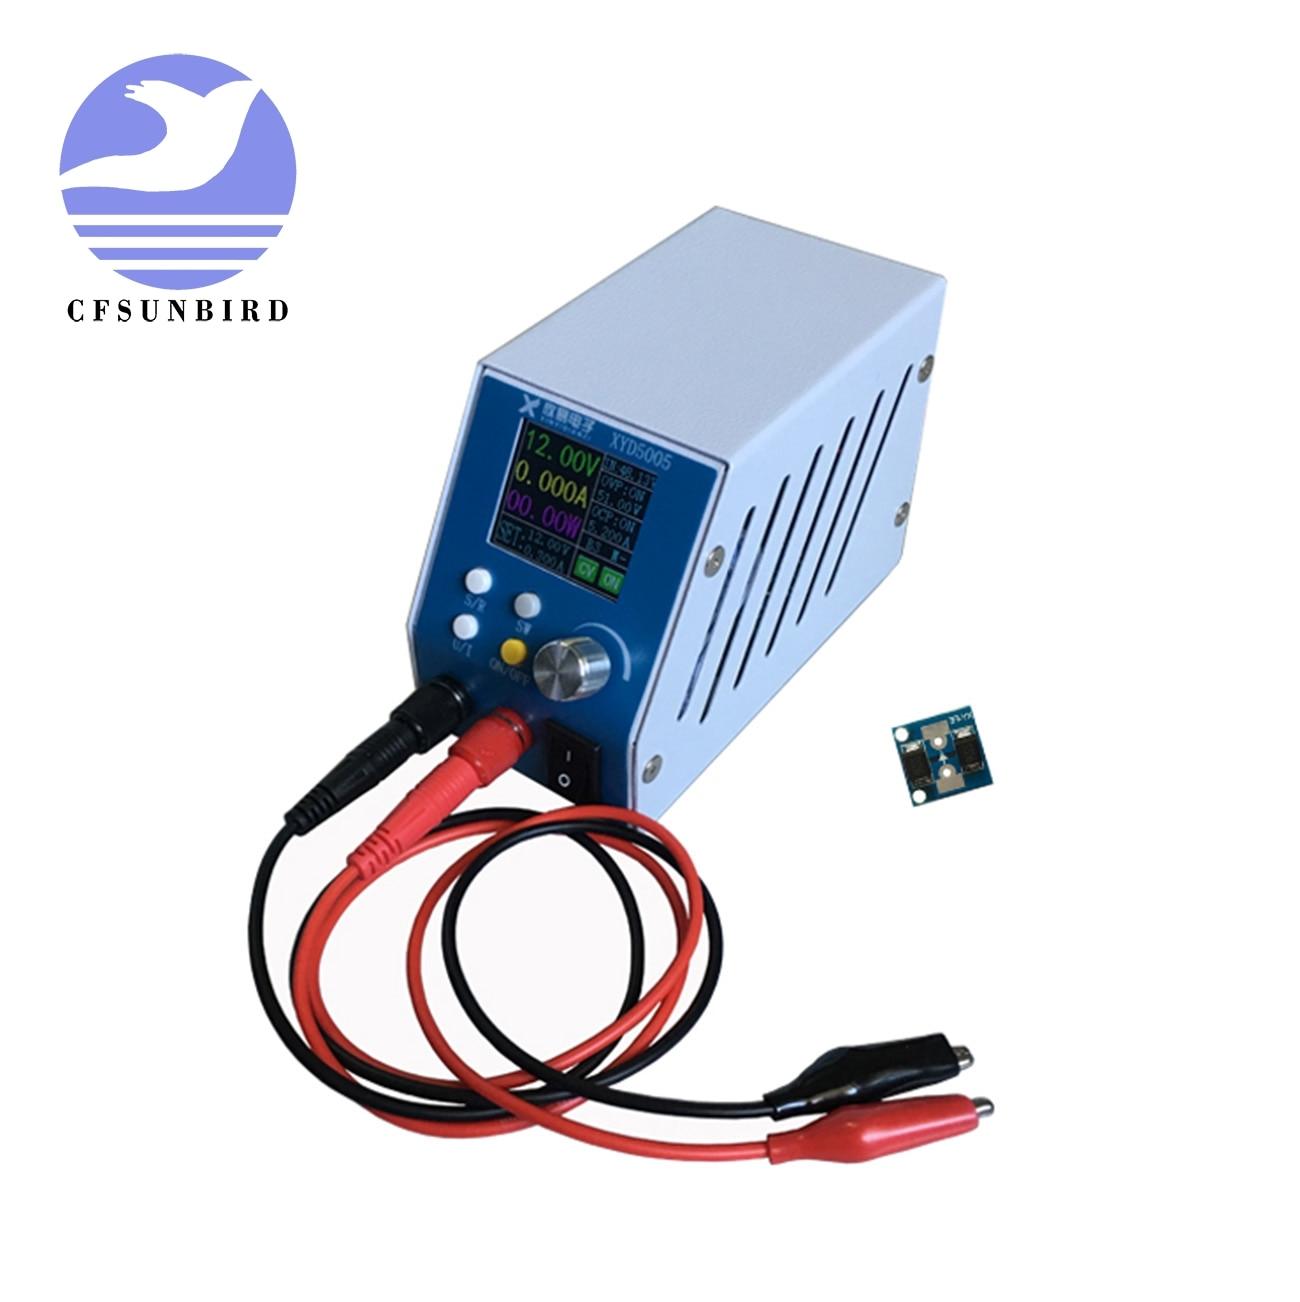 DC DC Adjustable Digital Buck Power Supply 6~55v 5A High Precision 0.01V 0.001A Regulated Voltmeter Ammeter